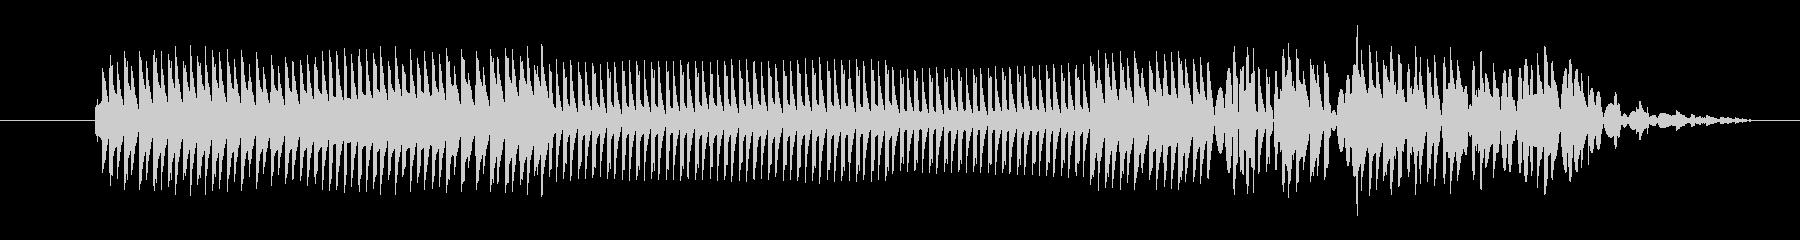 FX クレイジーサイエンティスト02の未再生の波形